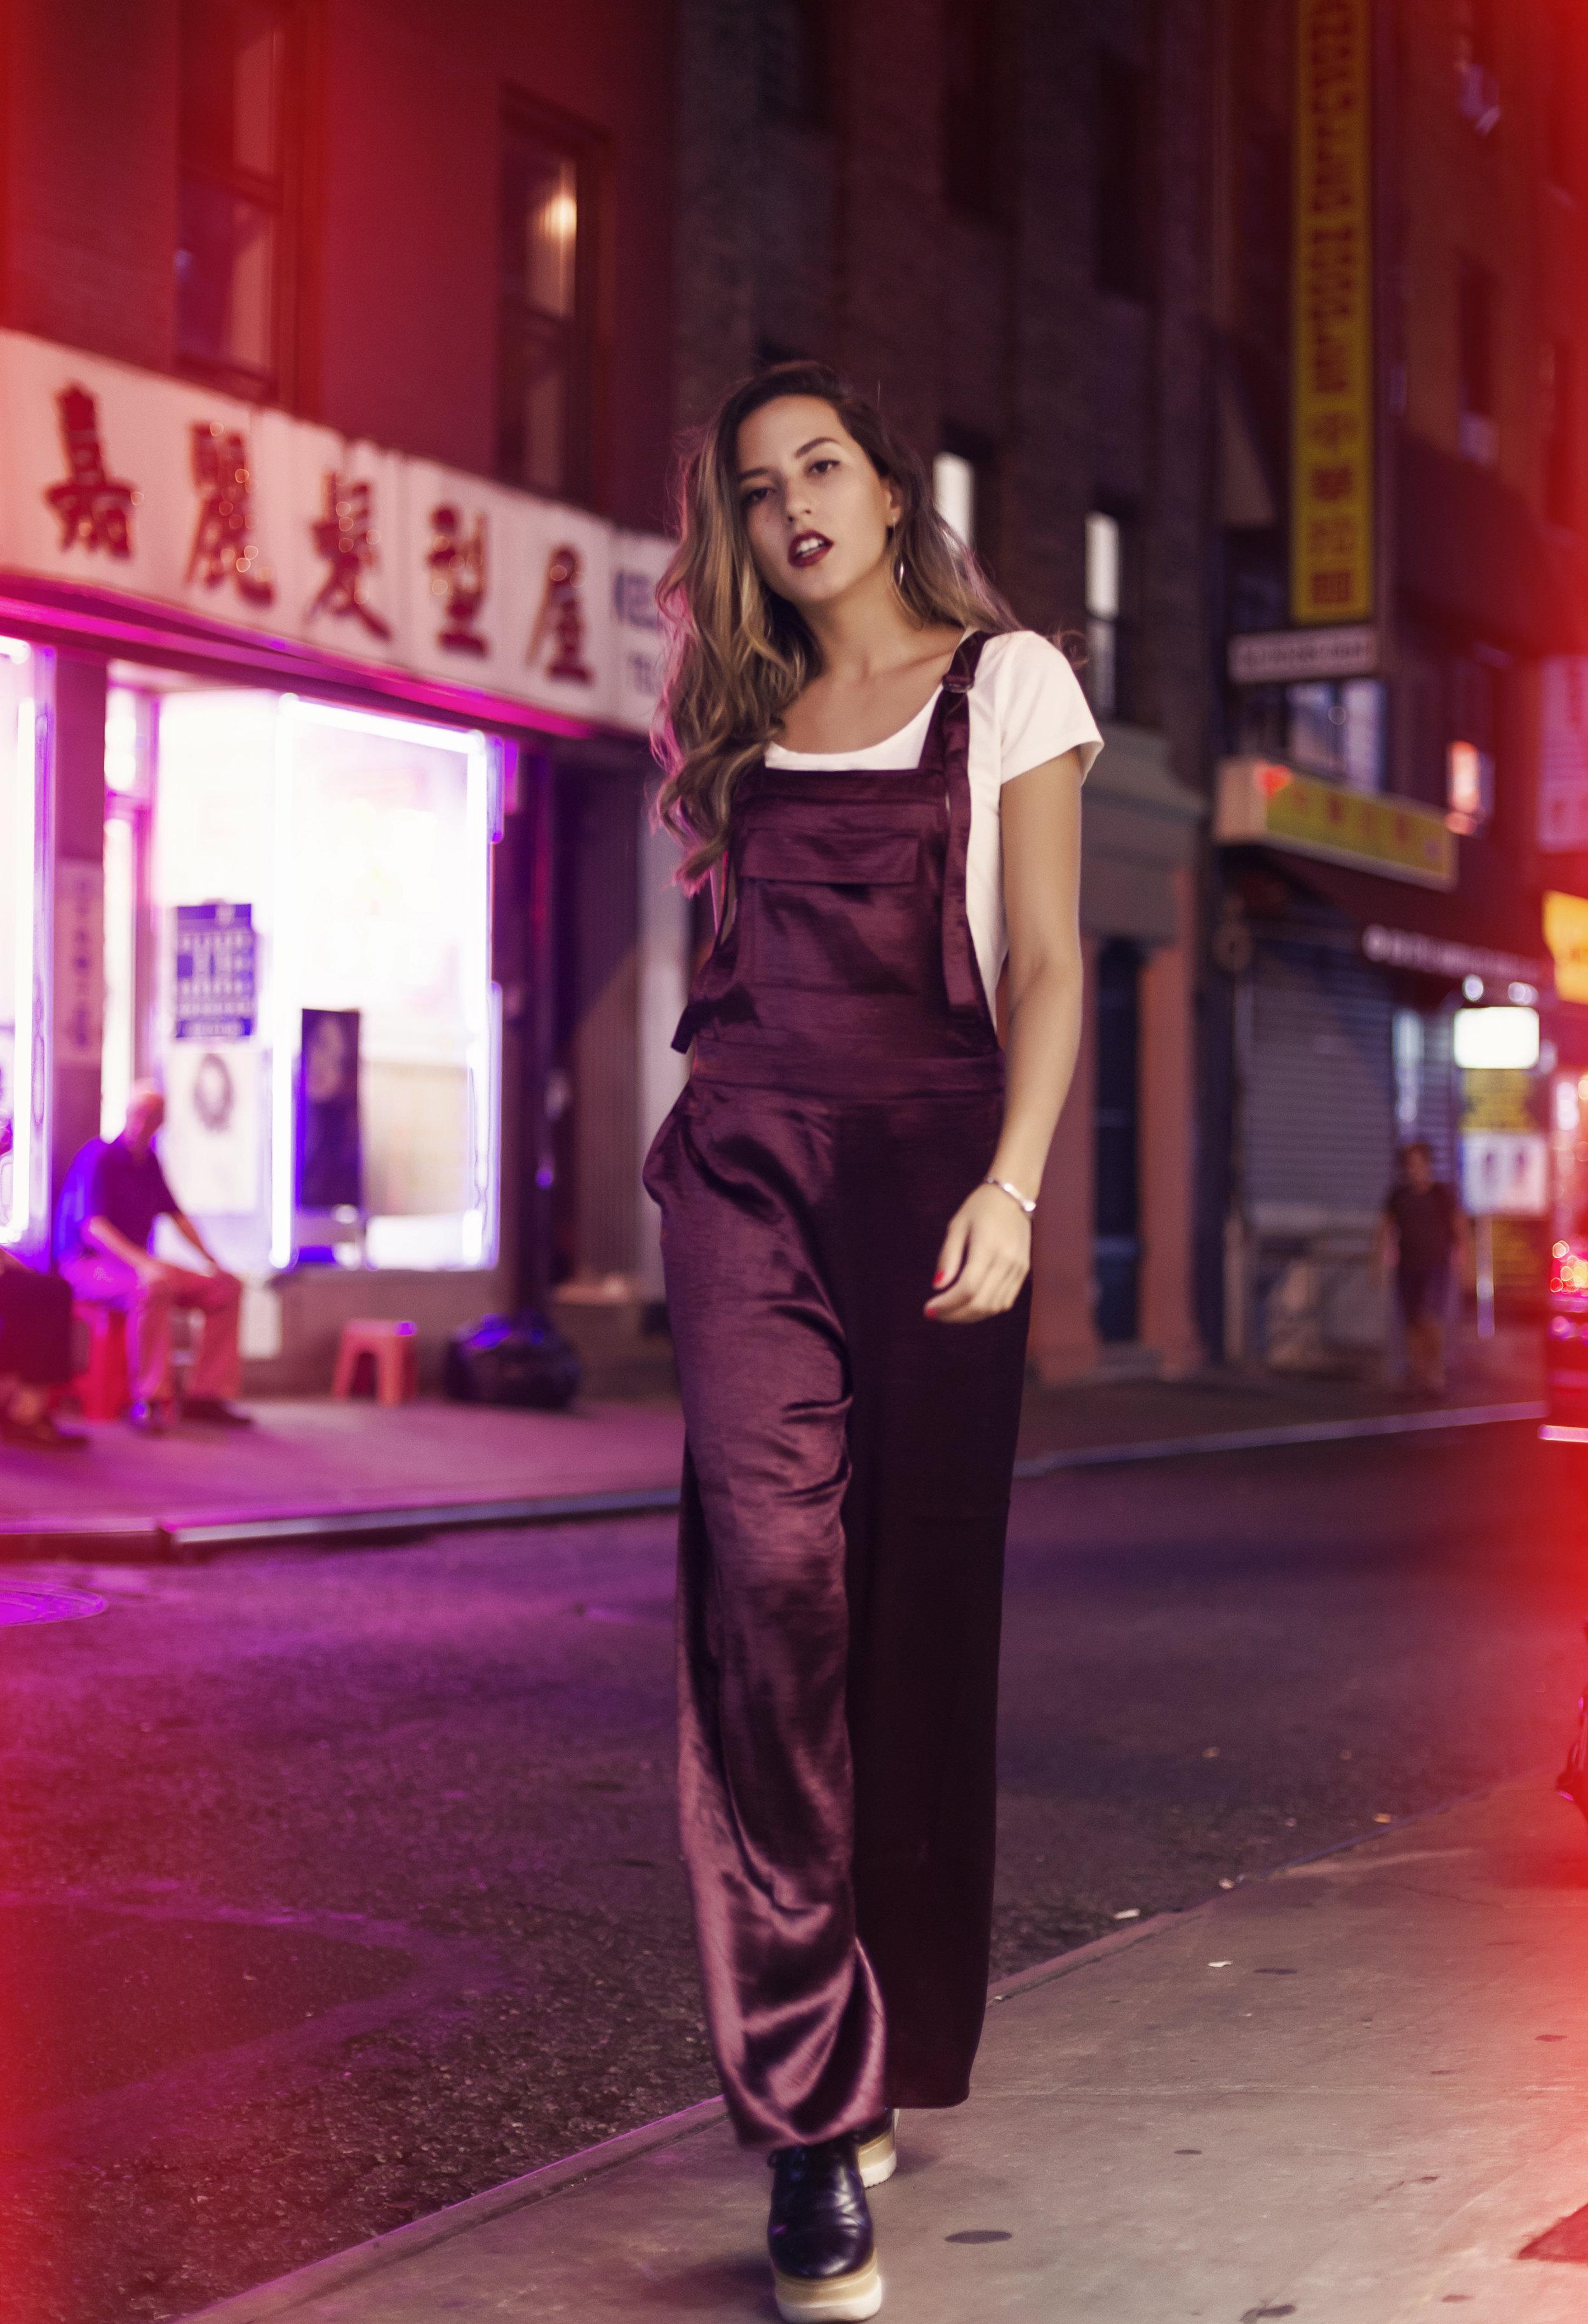 RP-Chinatown-7_red.jpg